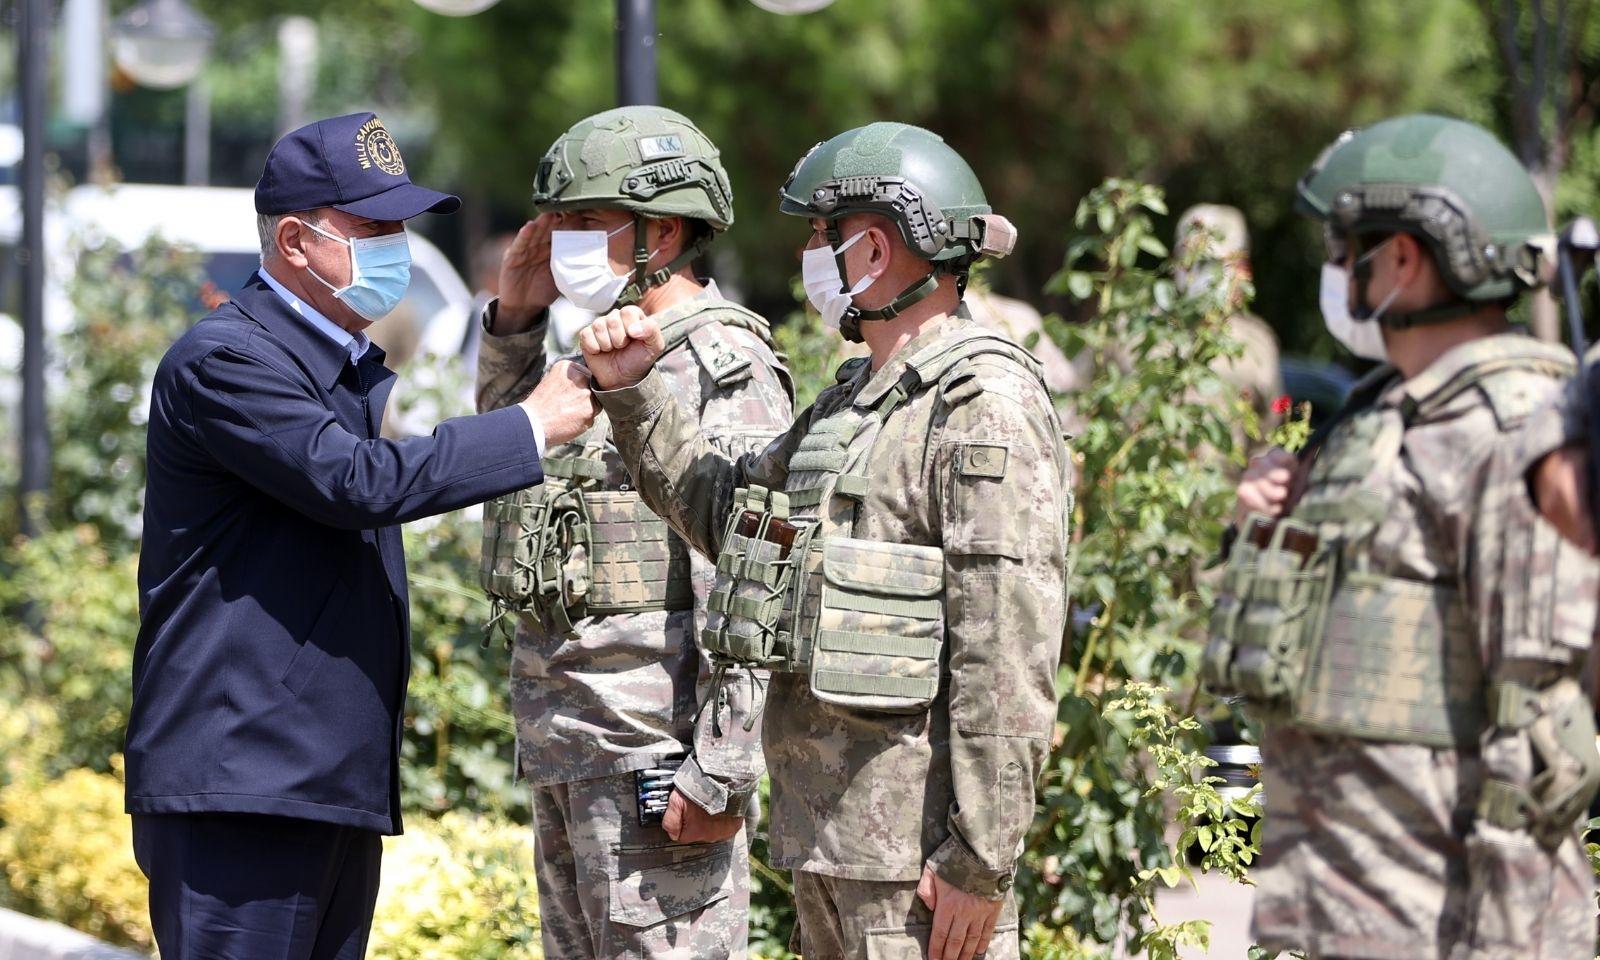 وزير الدفاع التركي خلوصي أكار في زيارة إلى الحدود التركية- السورية - 11 من أيلول 2021 (الأناضول)